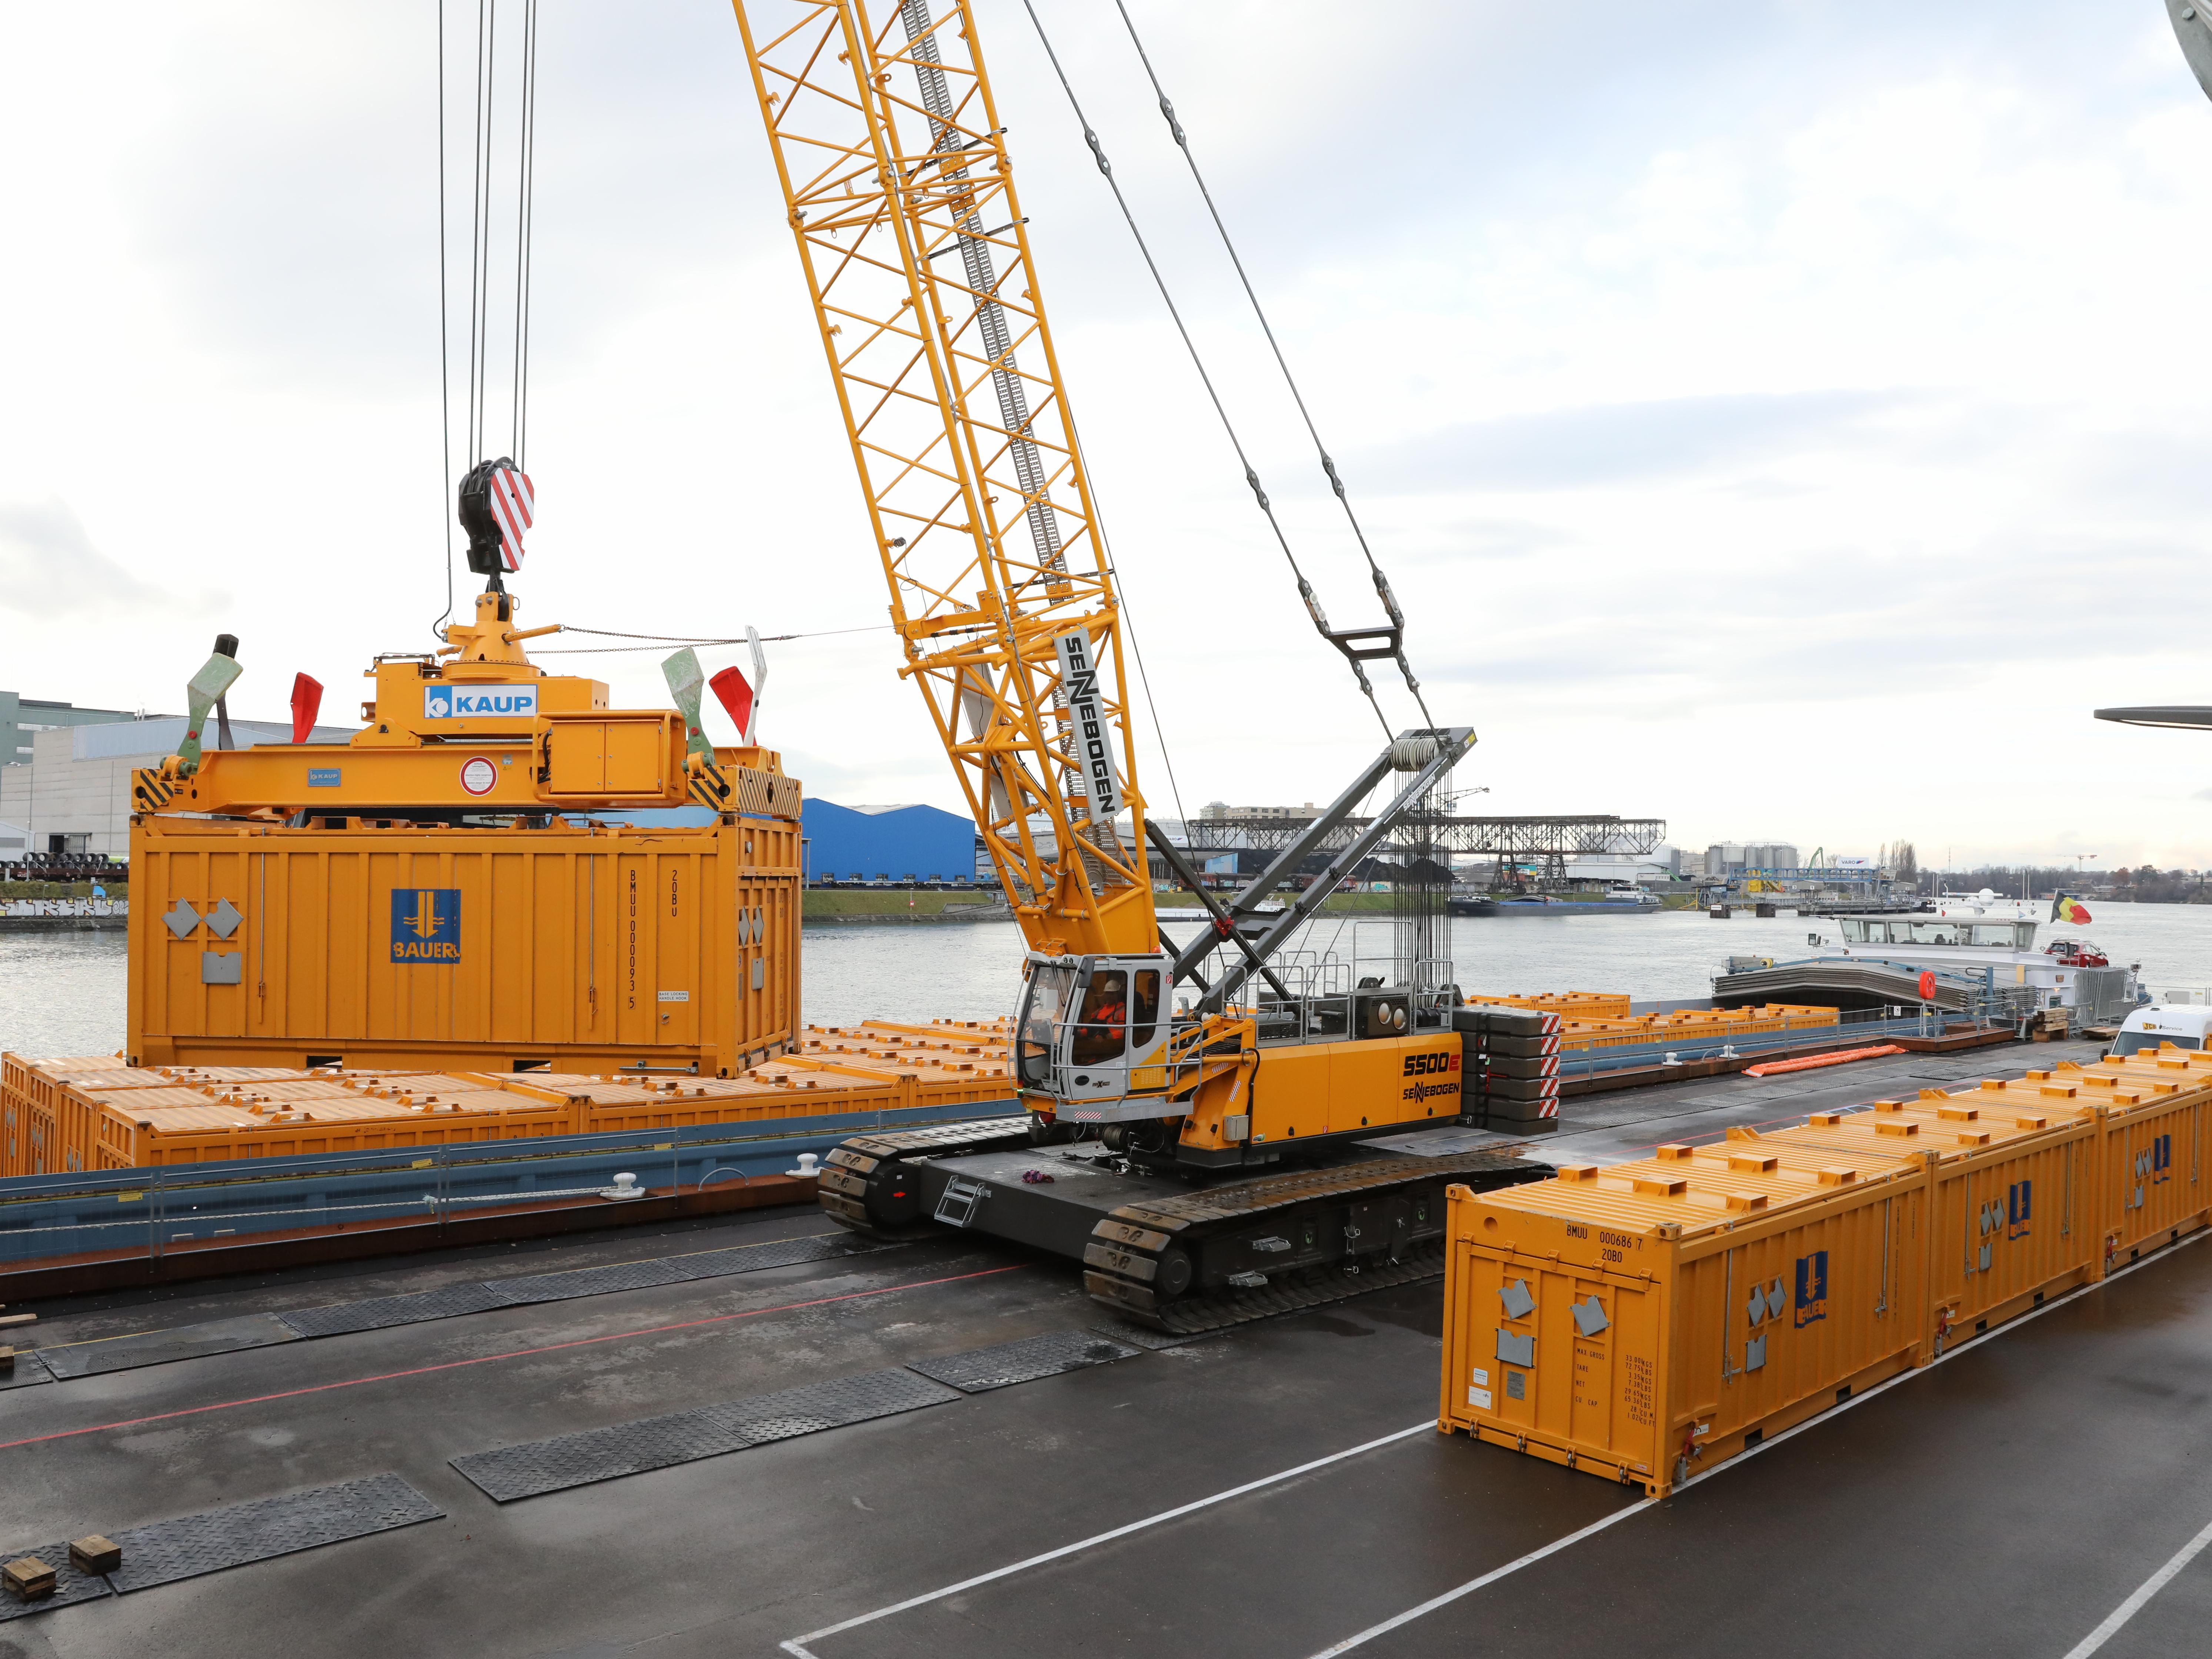 Das belastete Erdmaterial wird ausgehoben, in luftdichte Spezialcontainer geladen und verschifft.